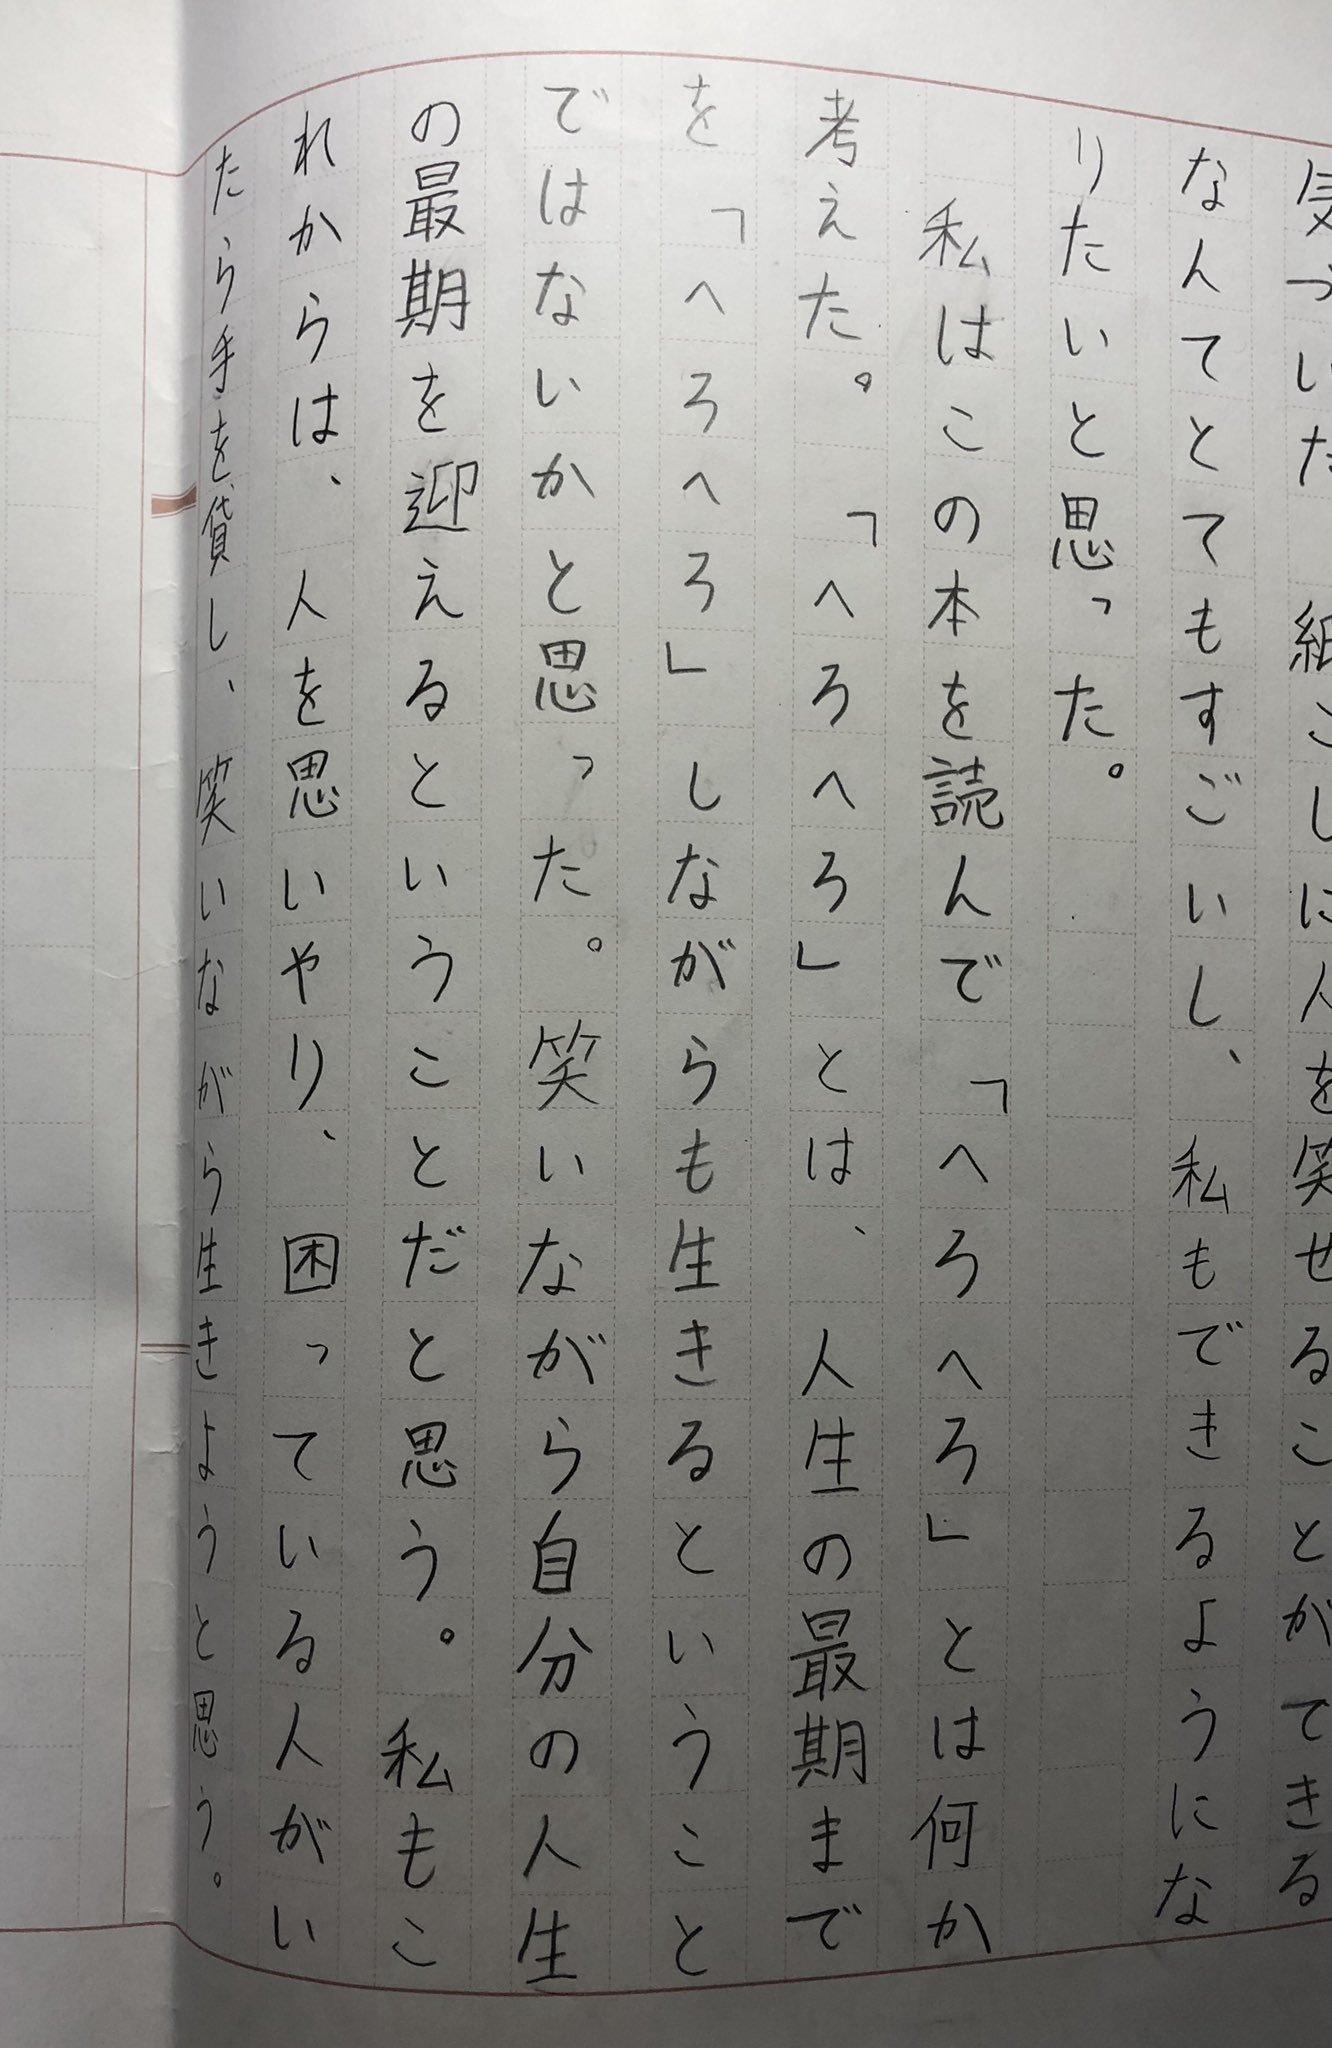 読書感想文コンクールの最終選考中_d0116009_16003286.jpg